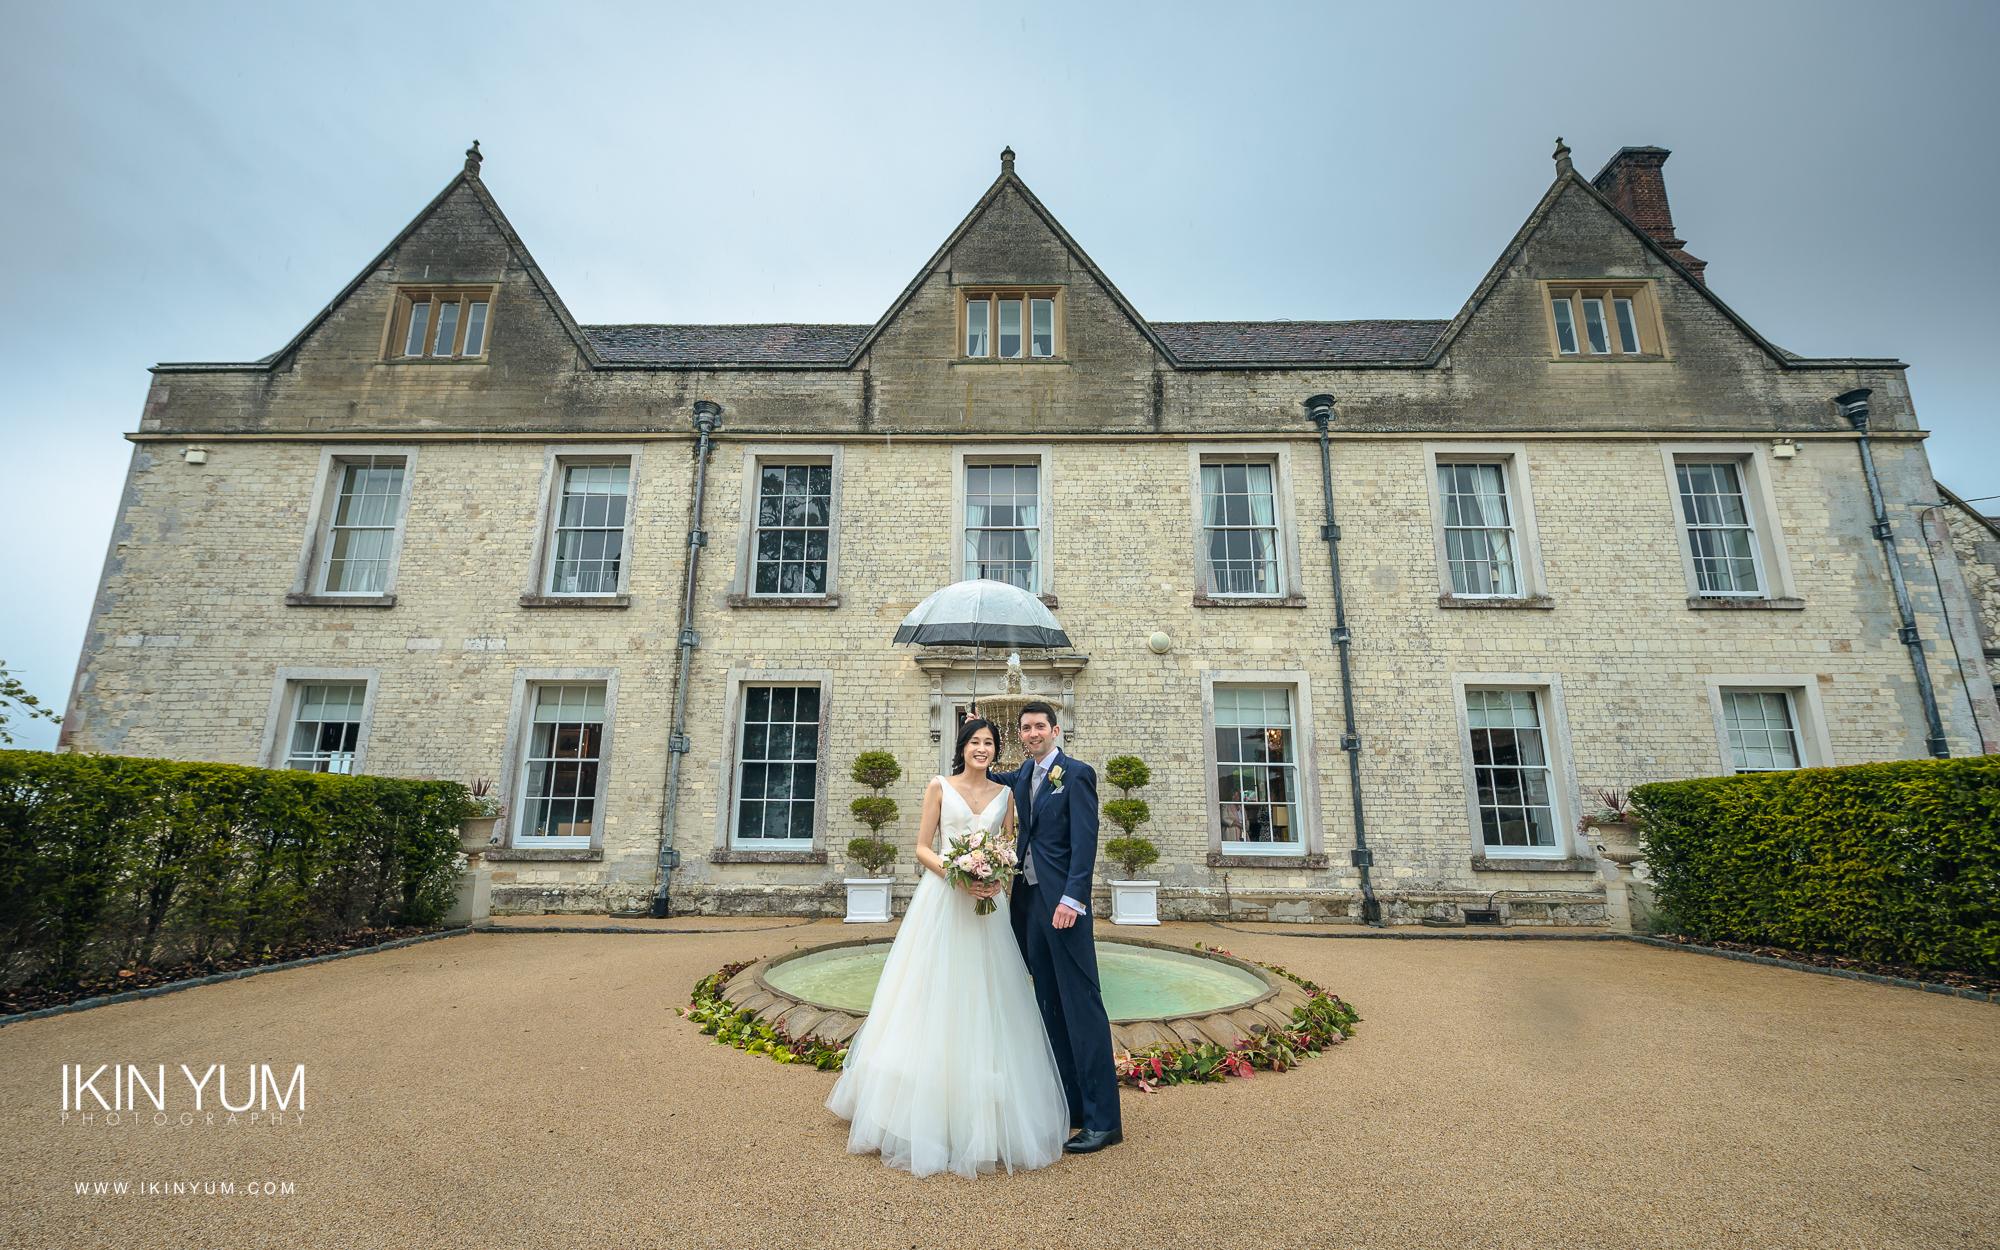 Nicola & Jonny Wedding Day - Ikin Yum Photography-091.jpg